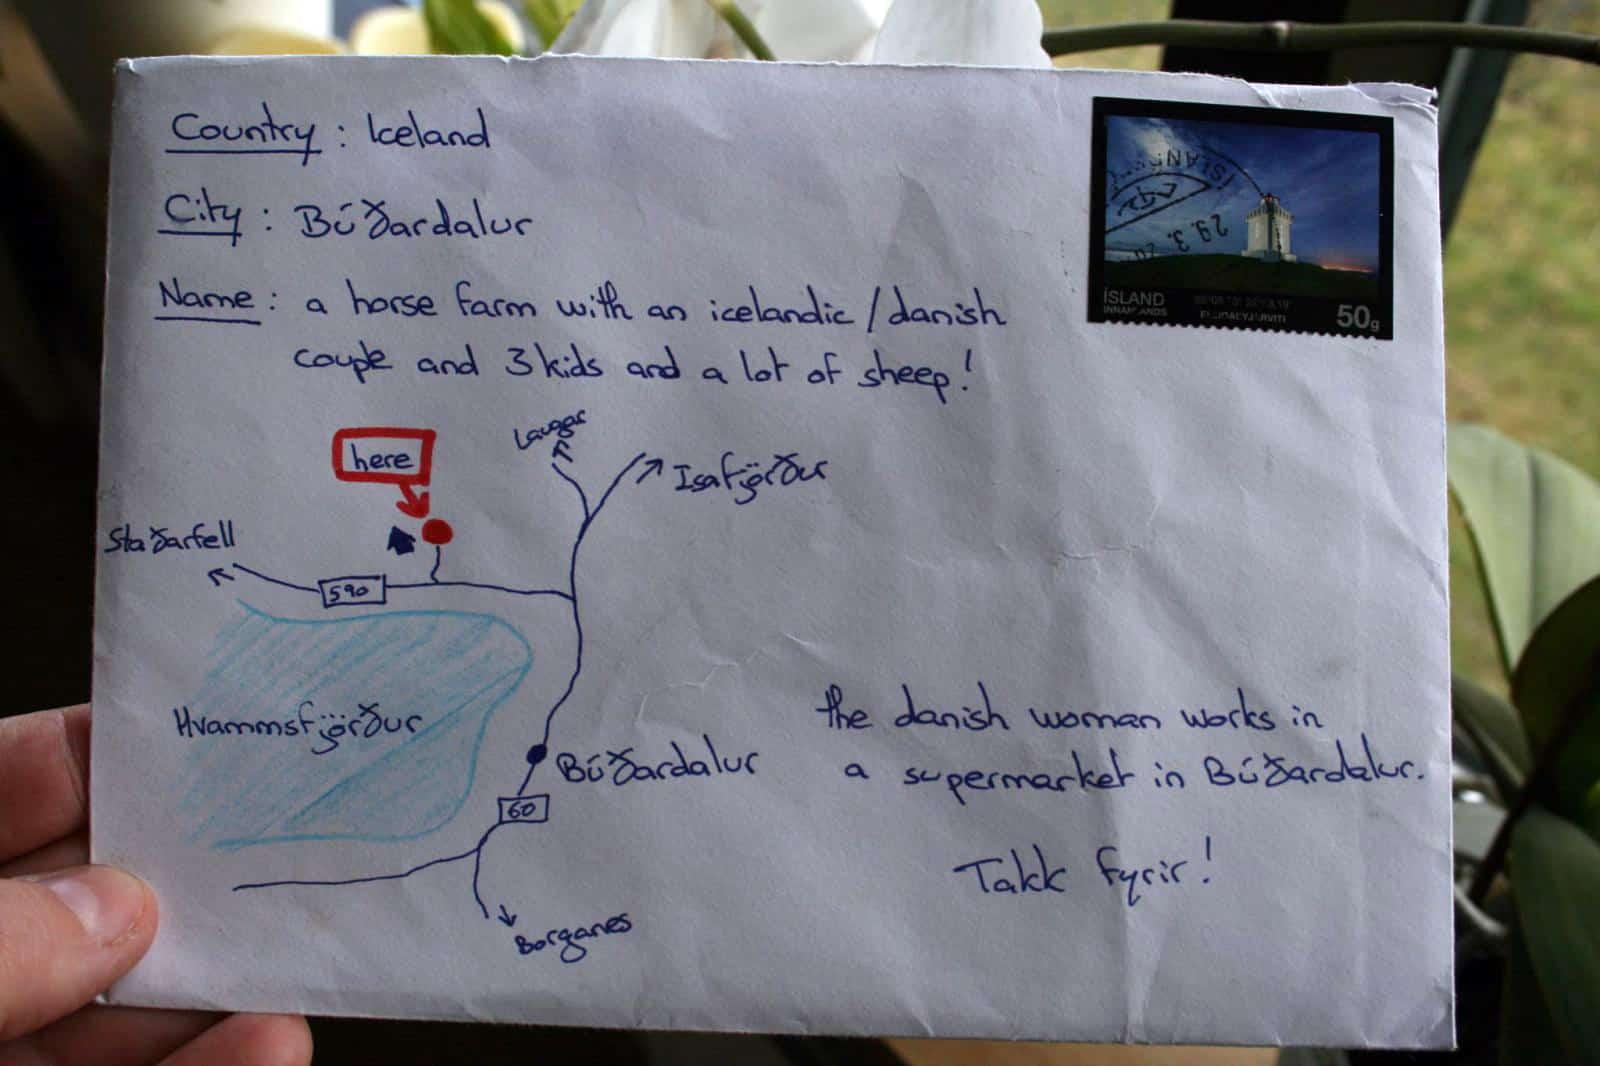 Deve spedire una lettera, non ricorda l'indirizzo e disegna una mappa sulla busta e la lettera viene consegnata